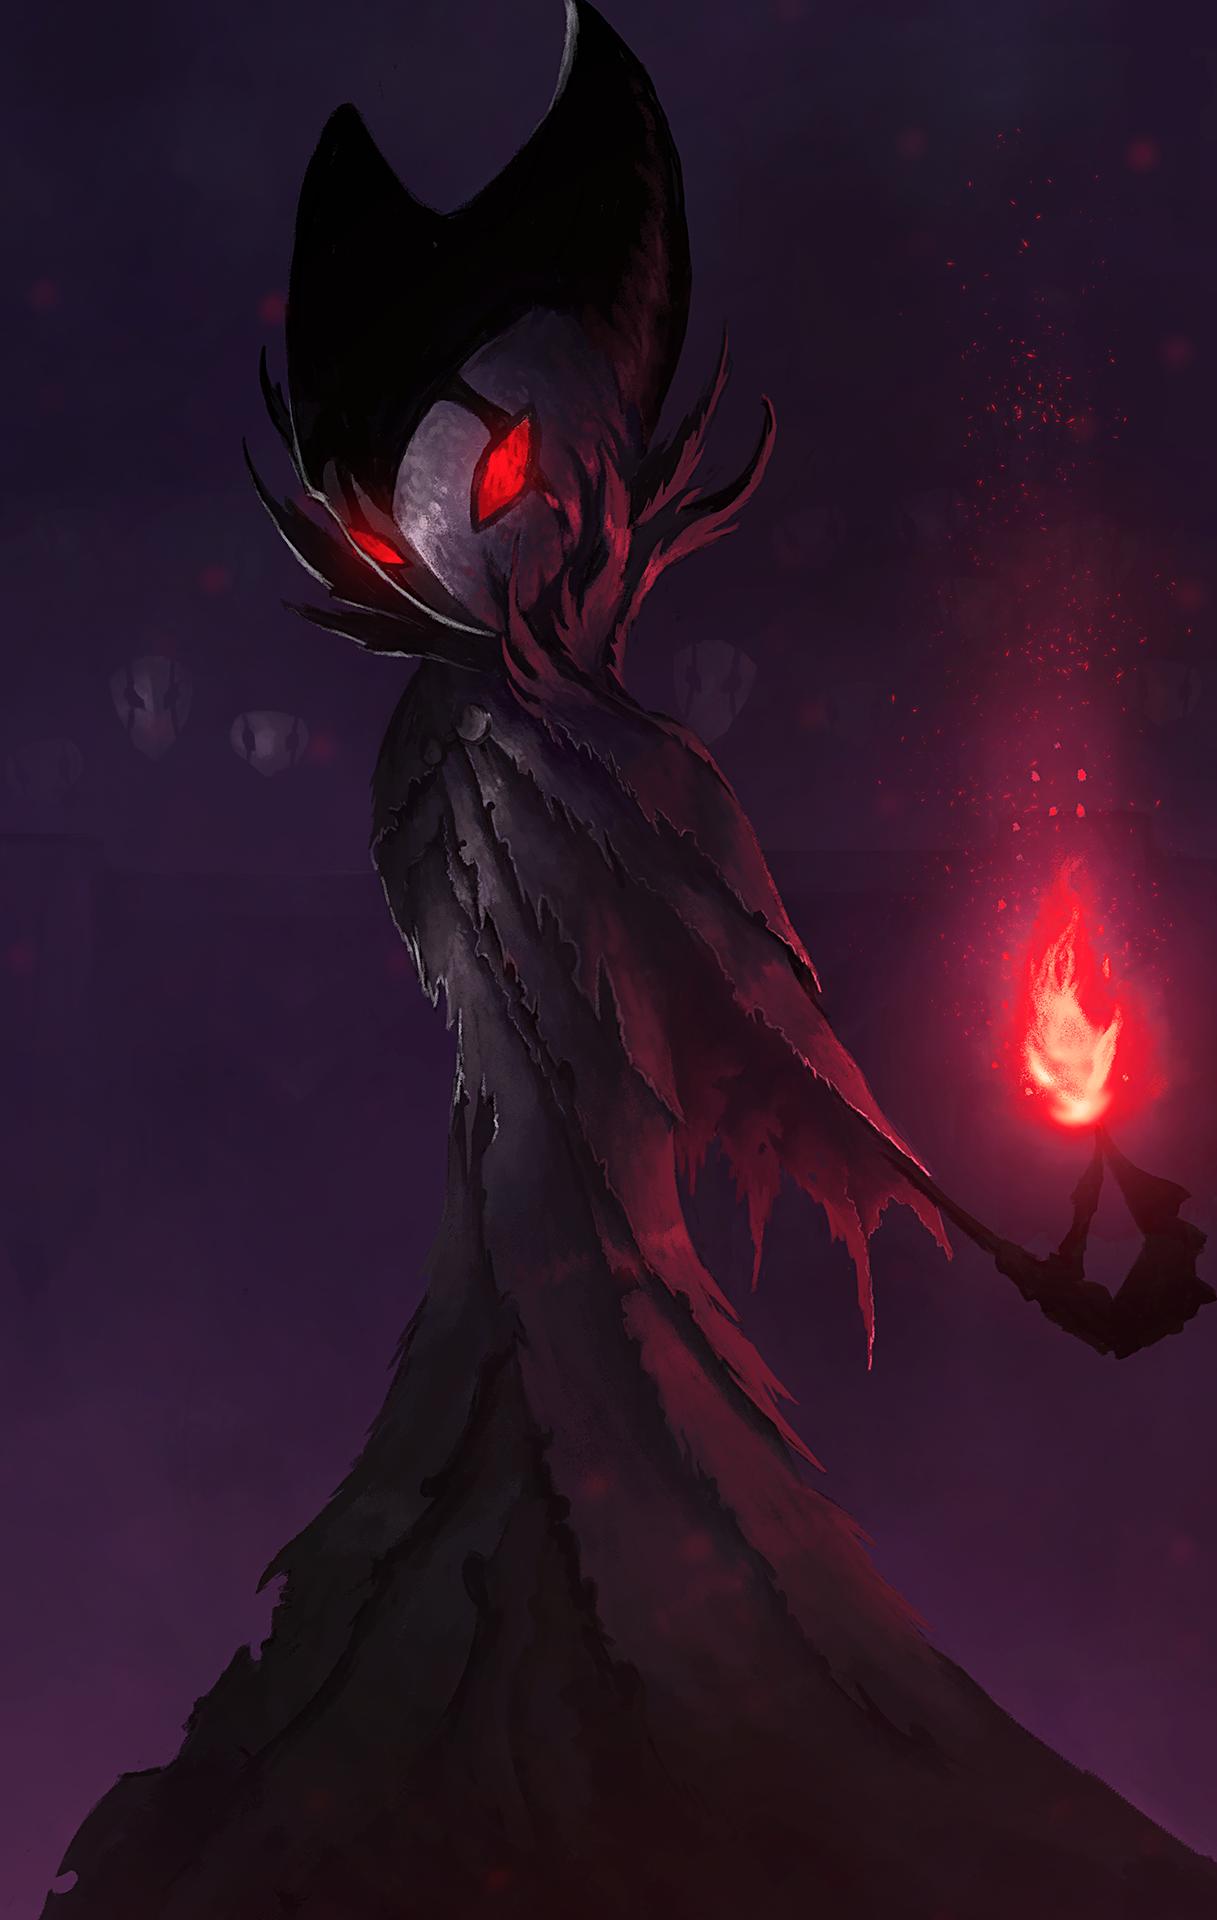 Nightmare King Grimm by Istrandar Reddit Hollow art